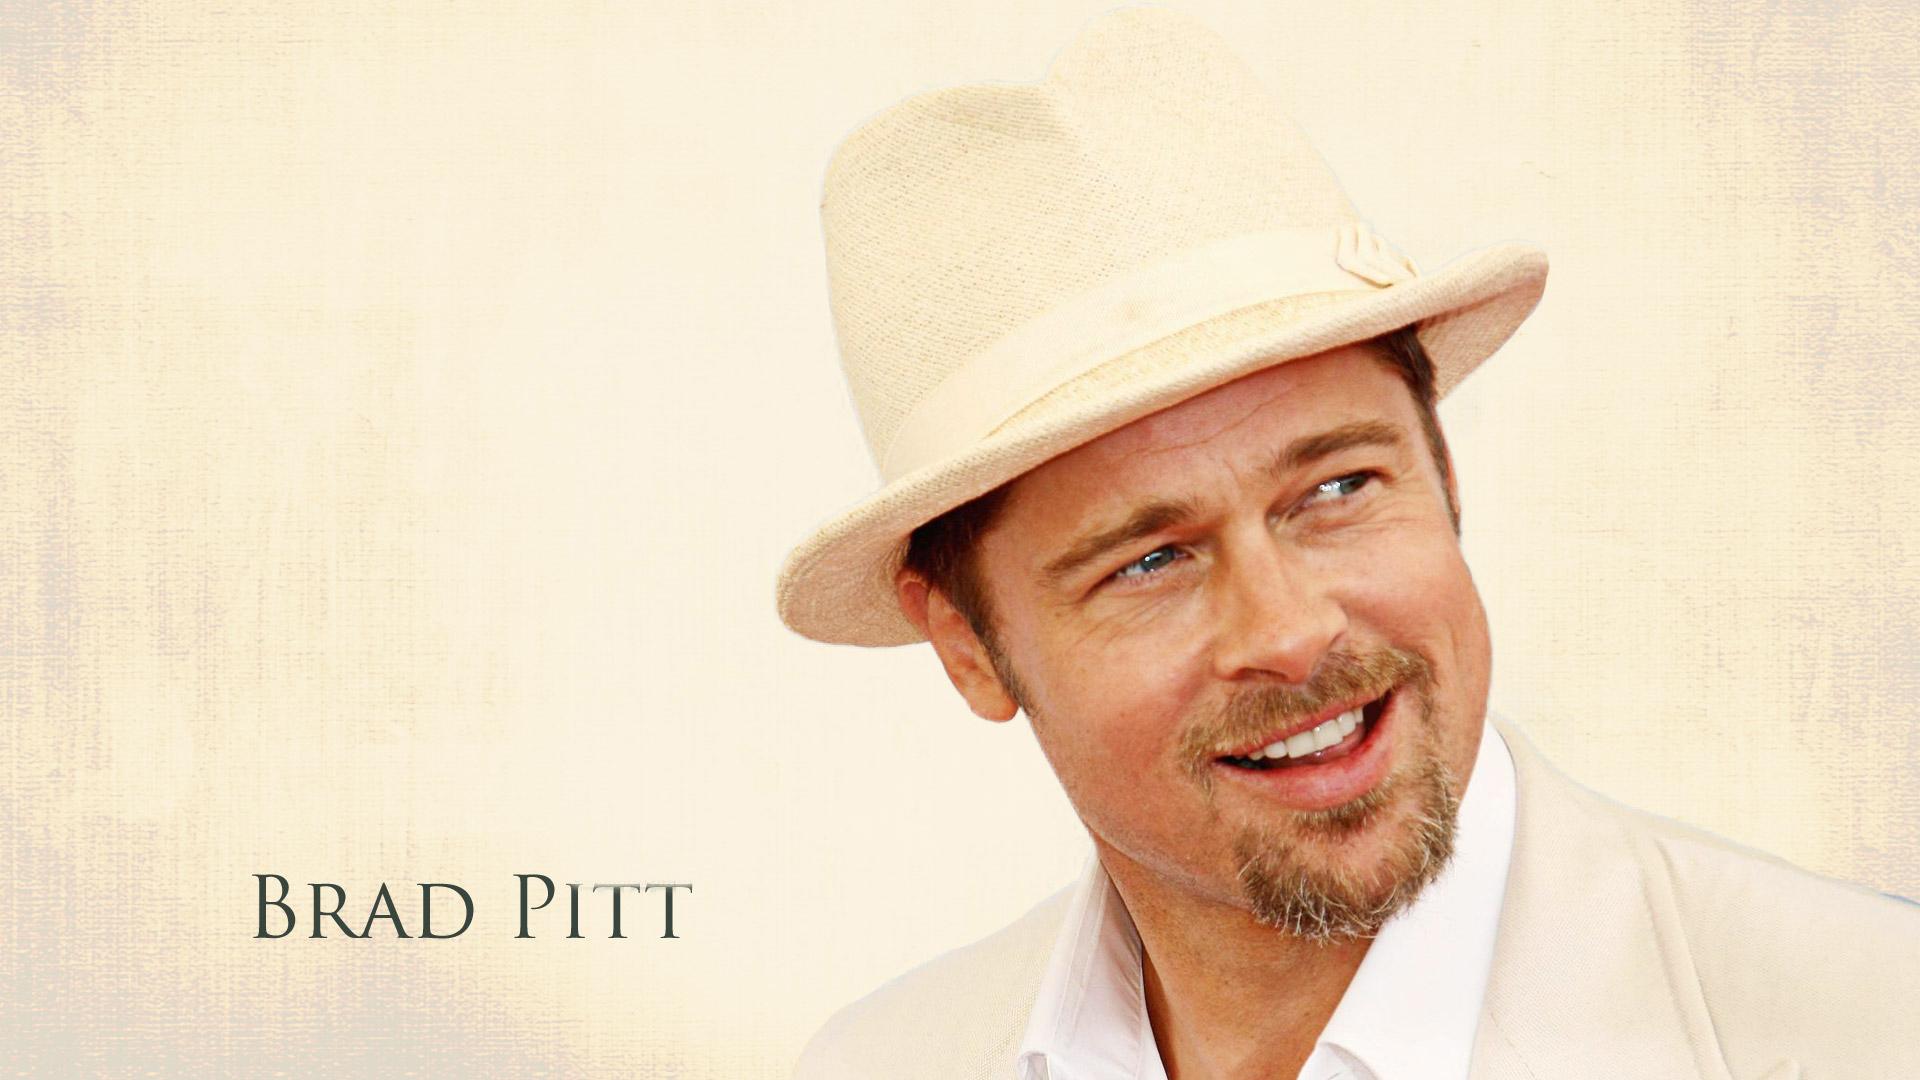 Brad Pitt HD   Wallpaper High Definition High Quality Widescreen 1920x1080